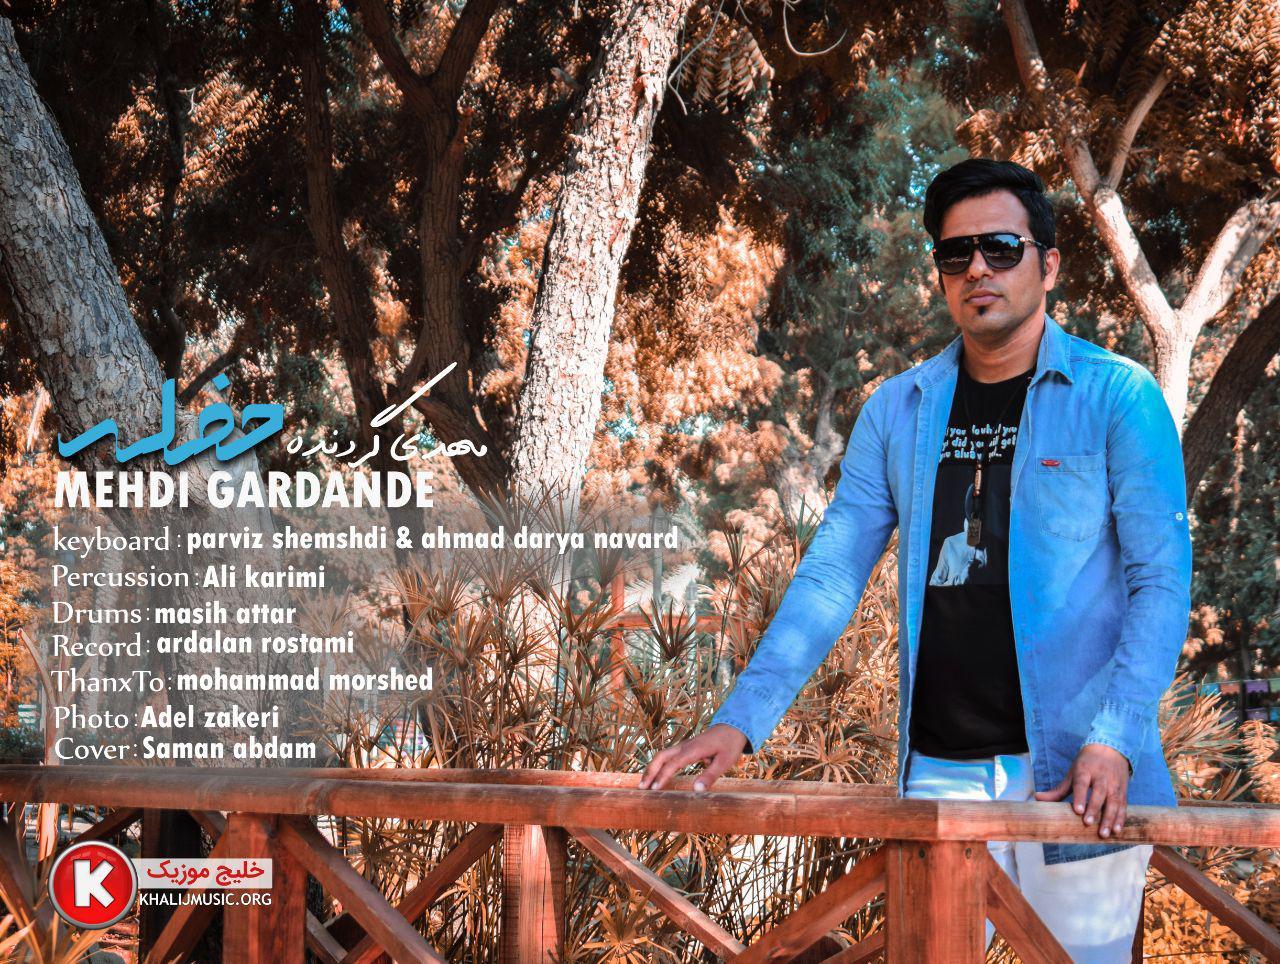 مهدی گردنده دو آهنگ جدید اجرای زنده و بسیار زیبا و شنیدنی بصورت حفله